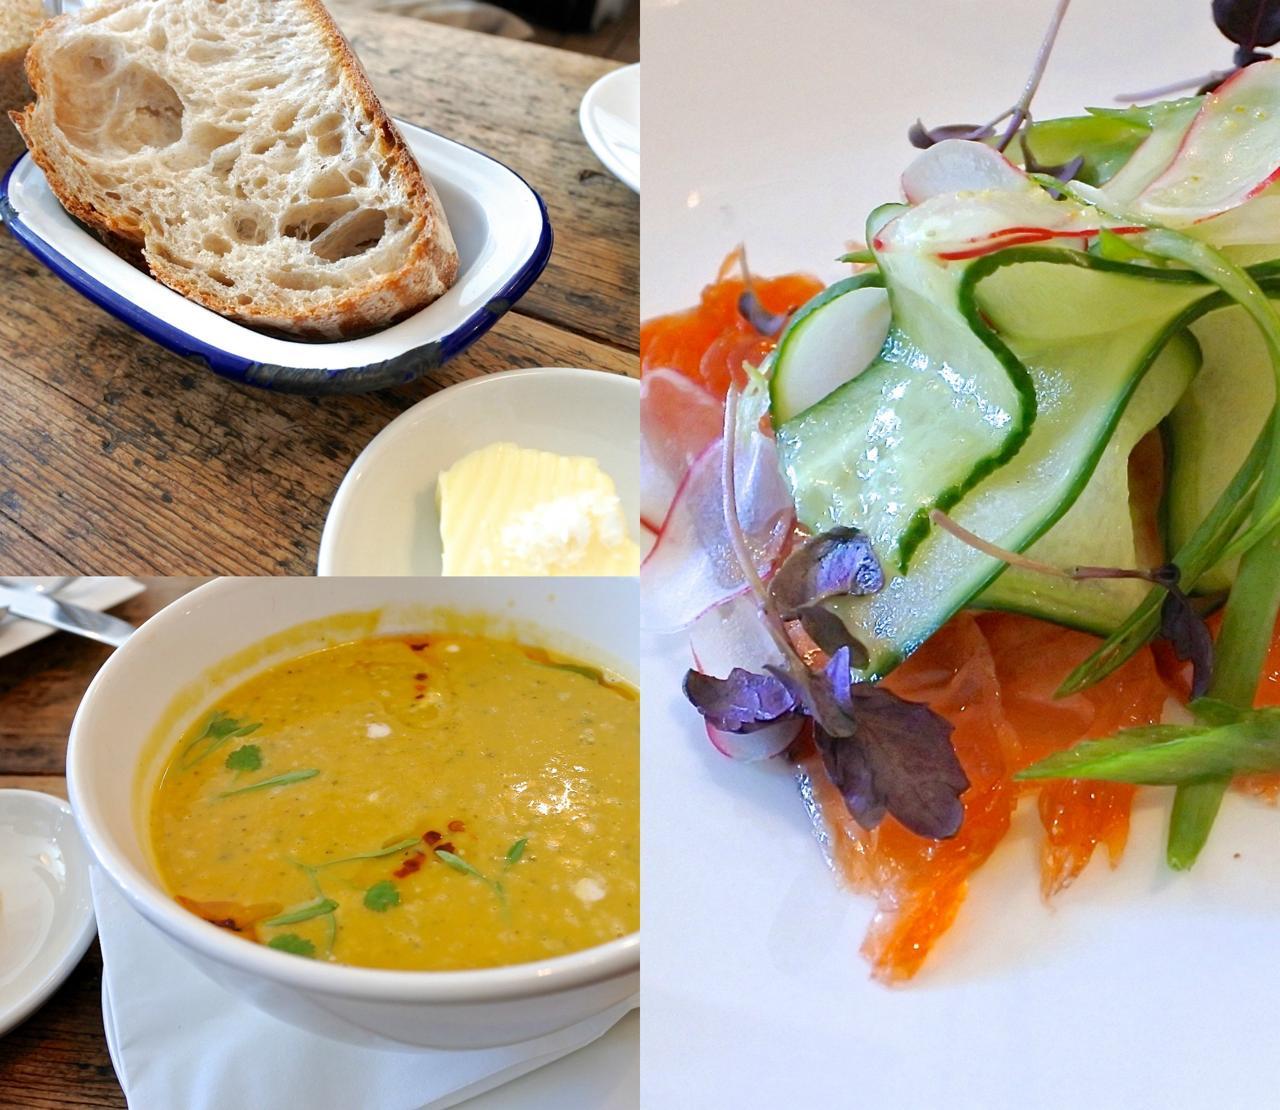 右がマヌカ・ハニーを使ってマリネしたサーモン。左下がラクサ風のスープ。でもエスニックというよりは、ちゃんと西洋風のスープでしたよ ^^